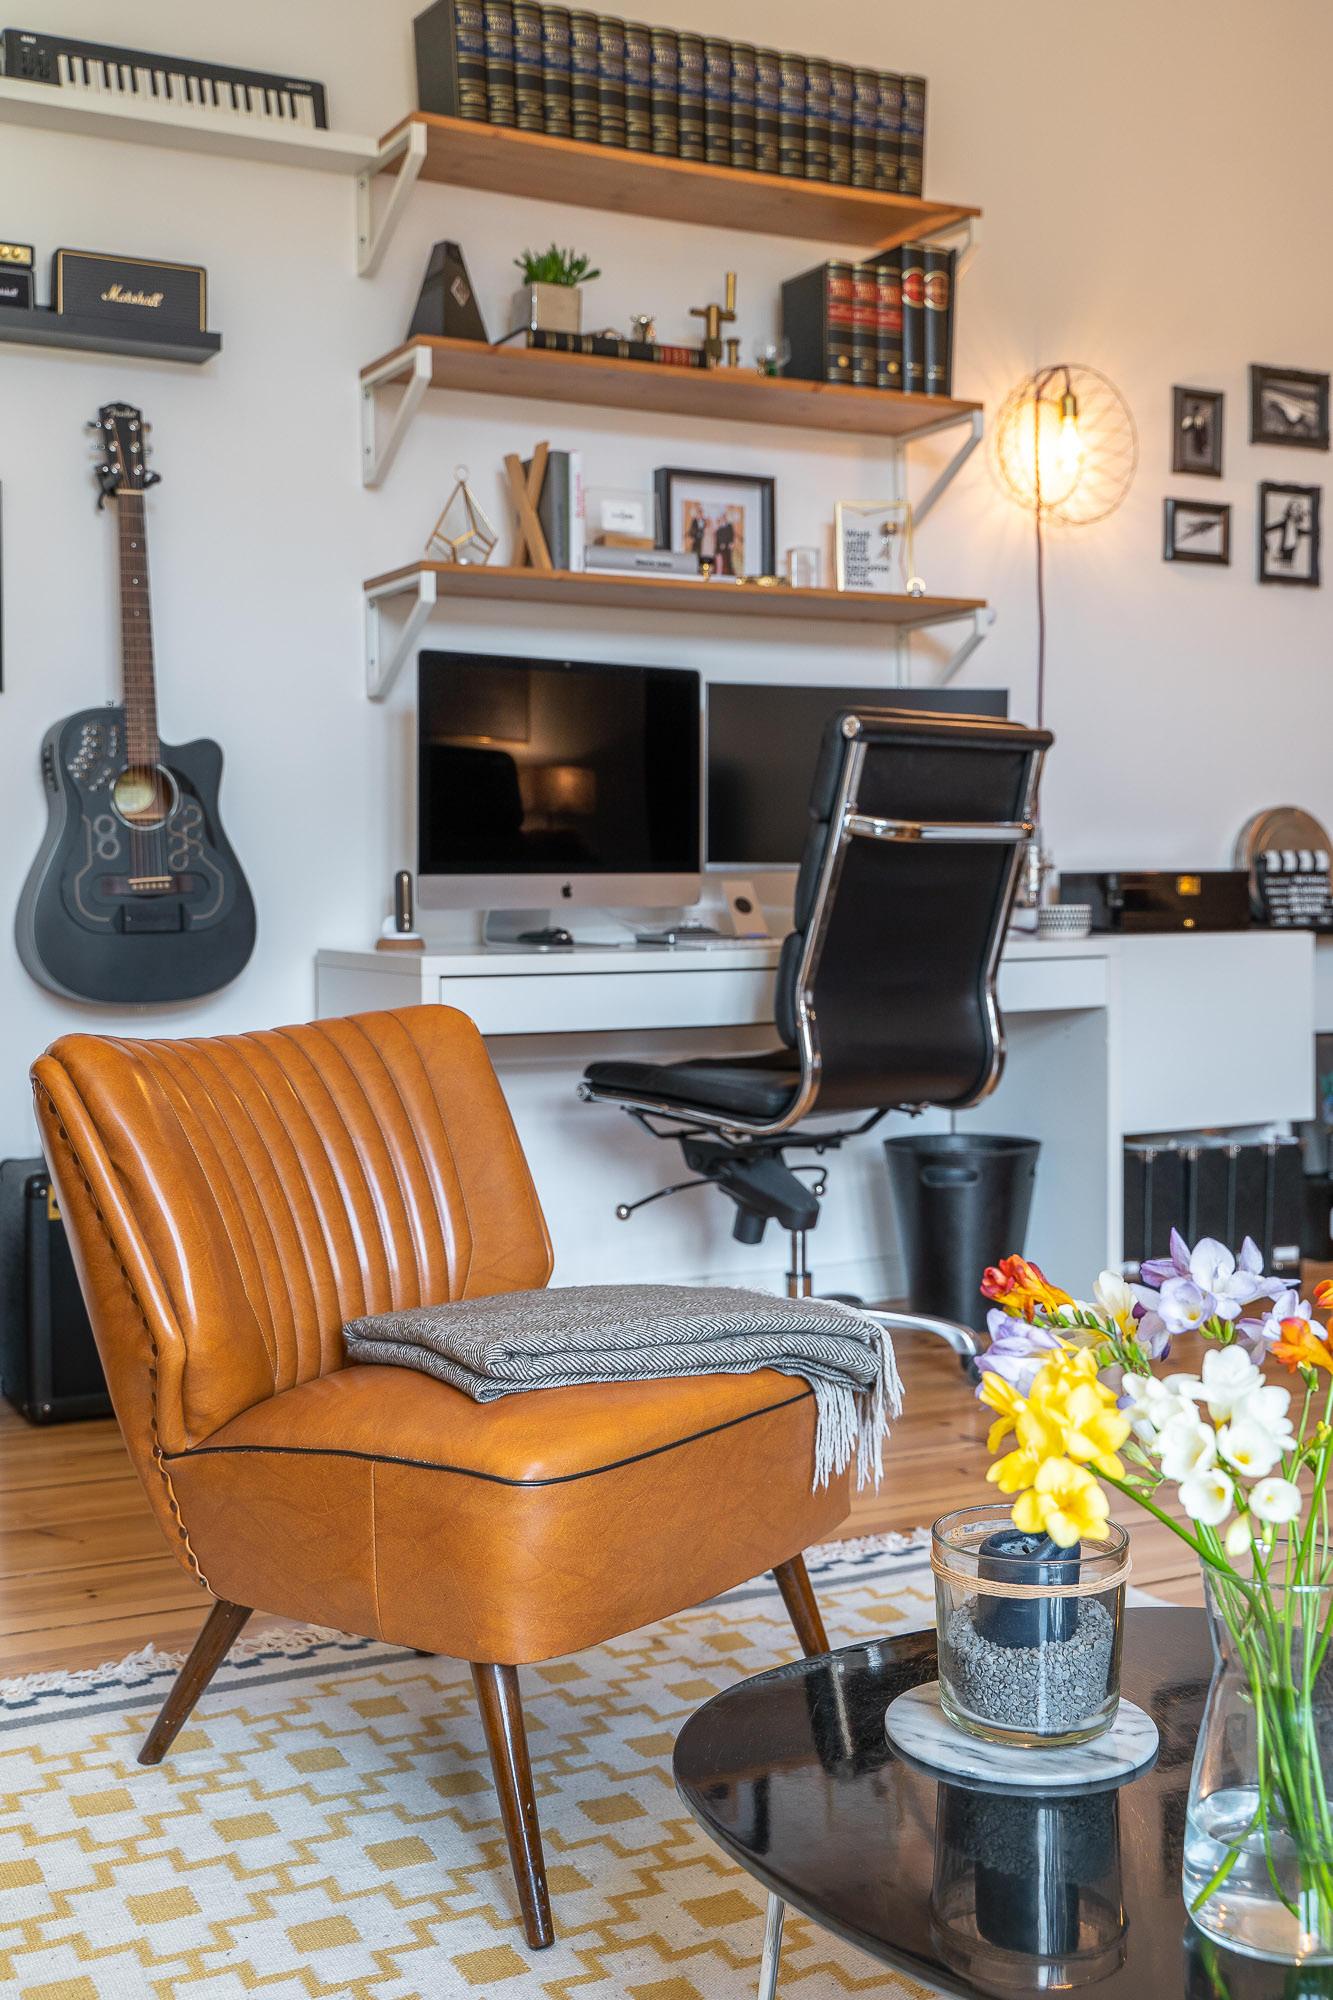 2019-04-26 - Moritz Real Estate-018A7304001.jpg